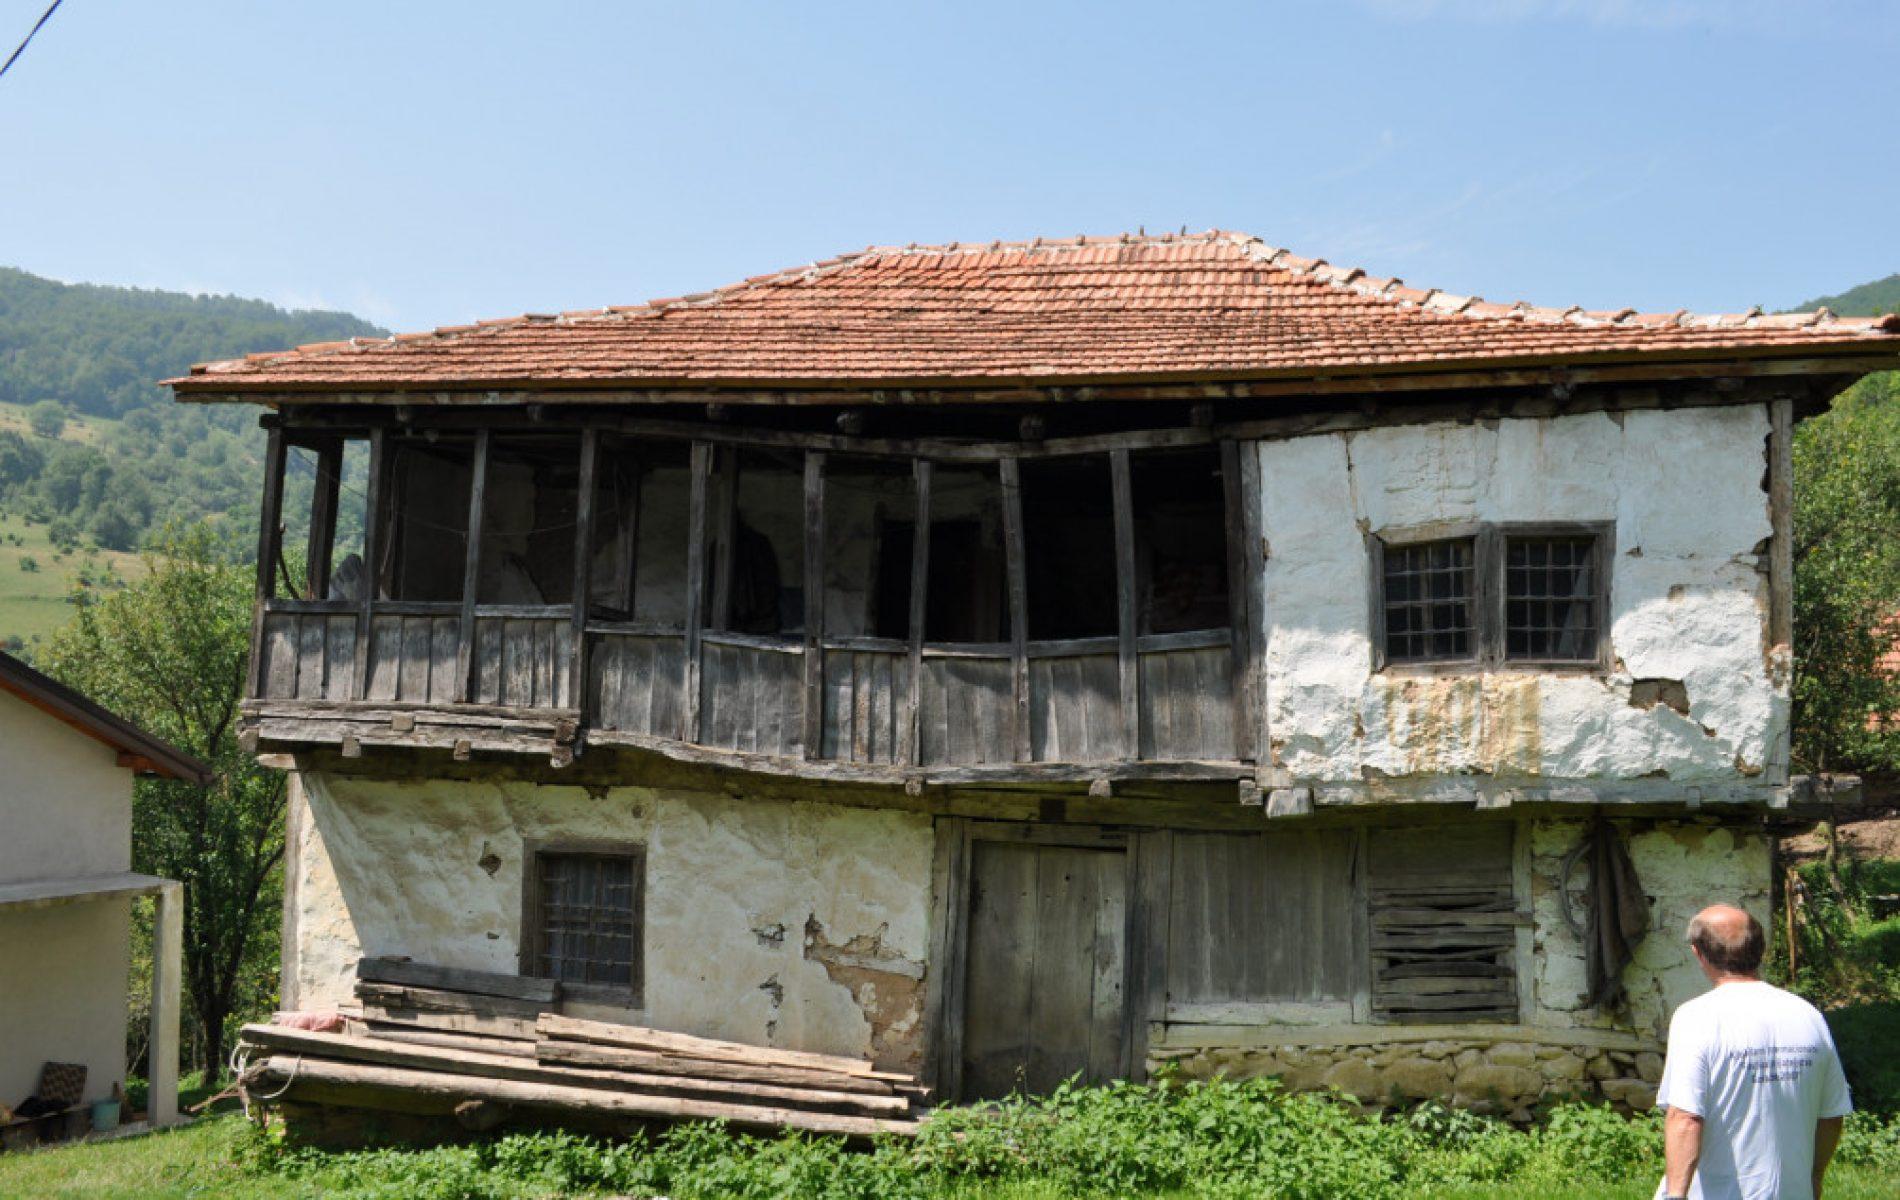 Kuća Ferida Herende: Zbog historijske vrijednosti, trebala bi biti zaštićena